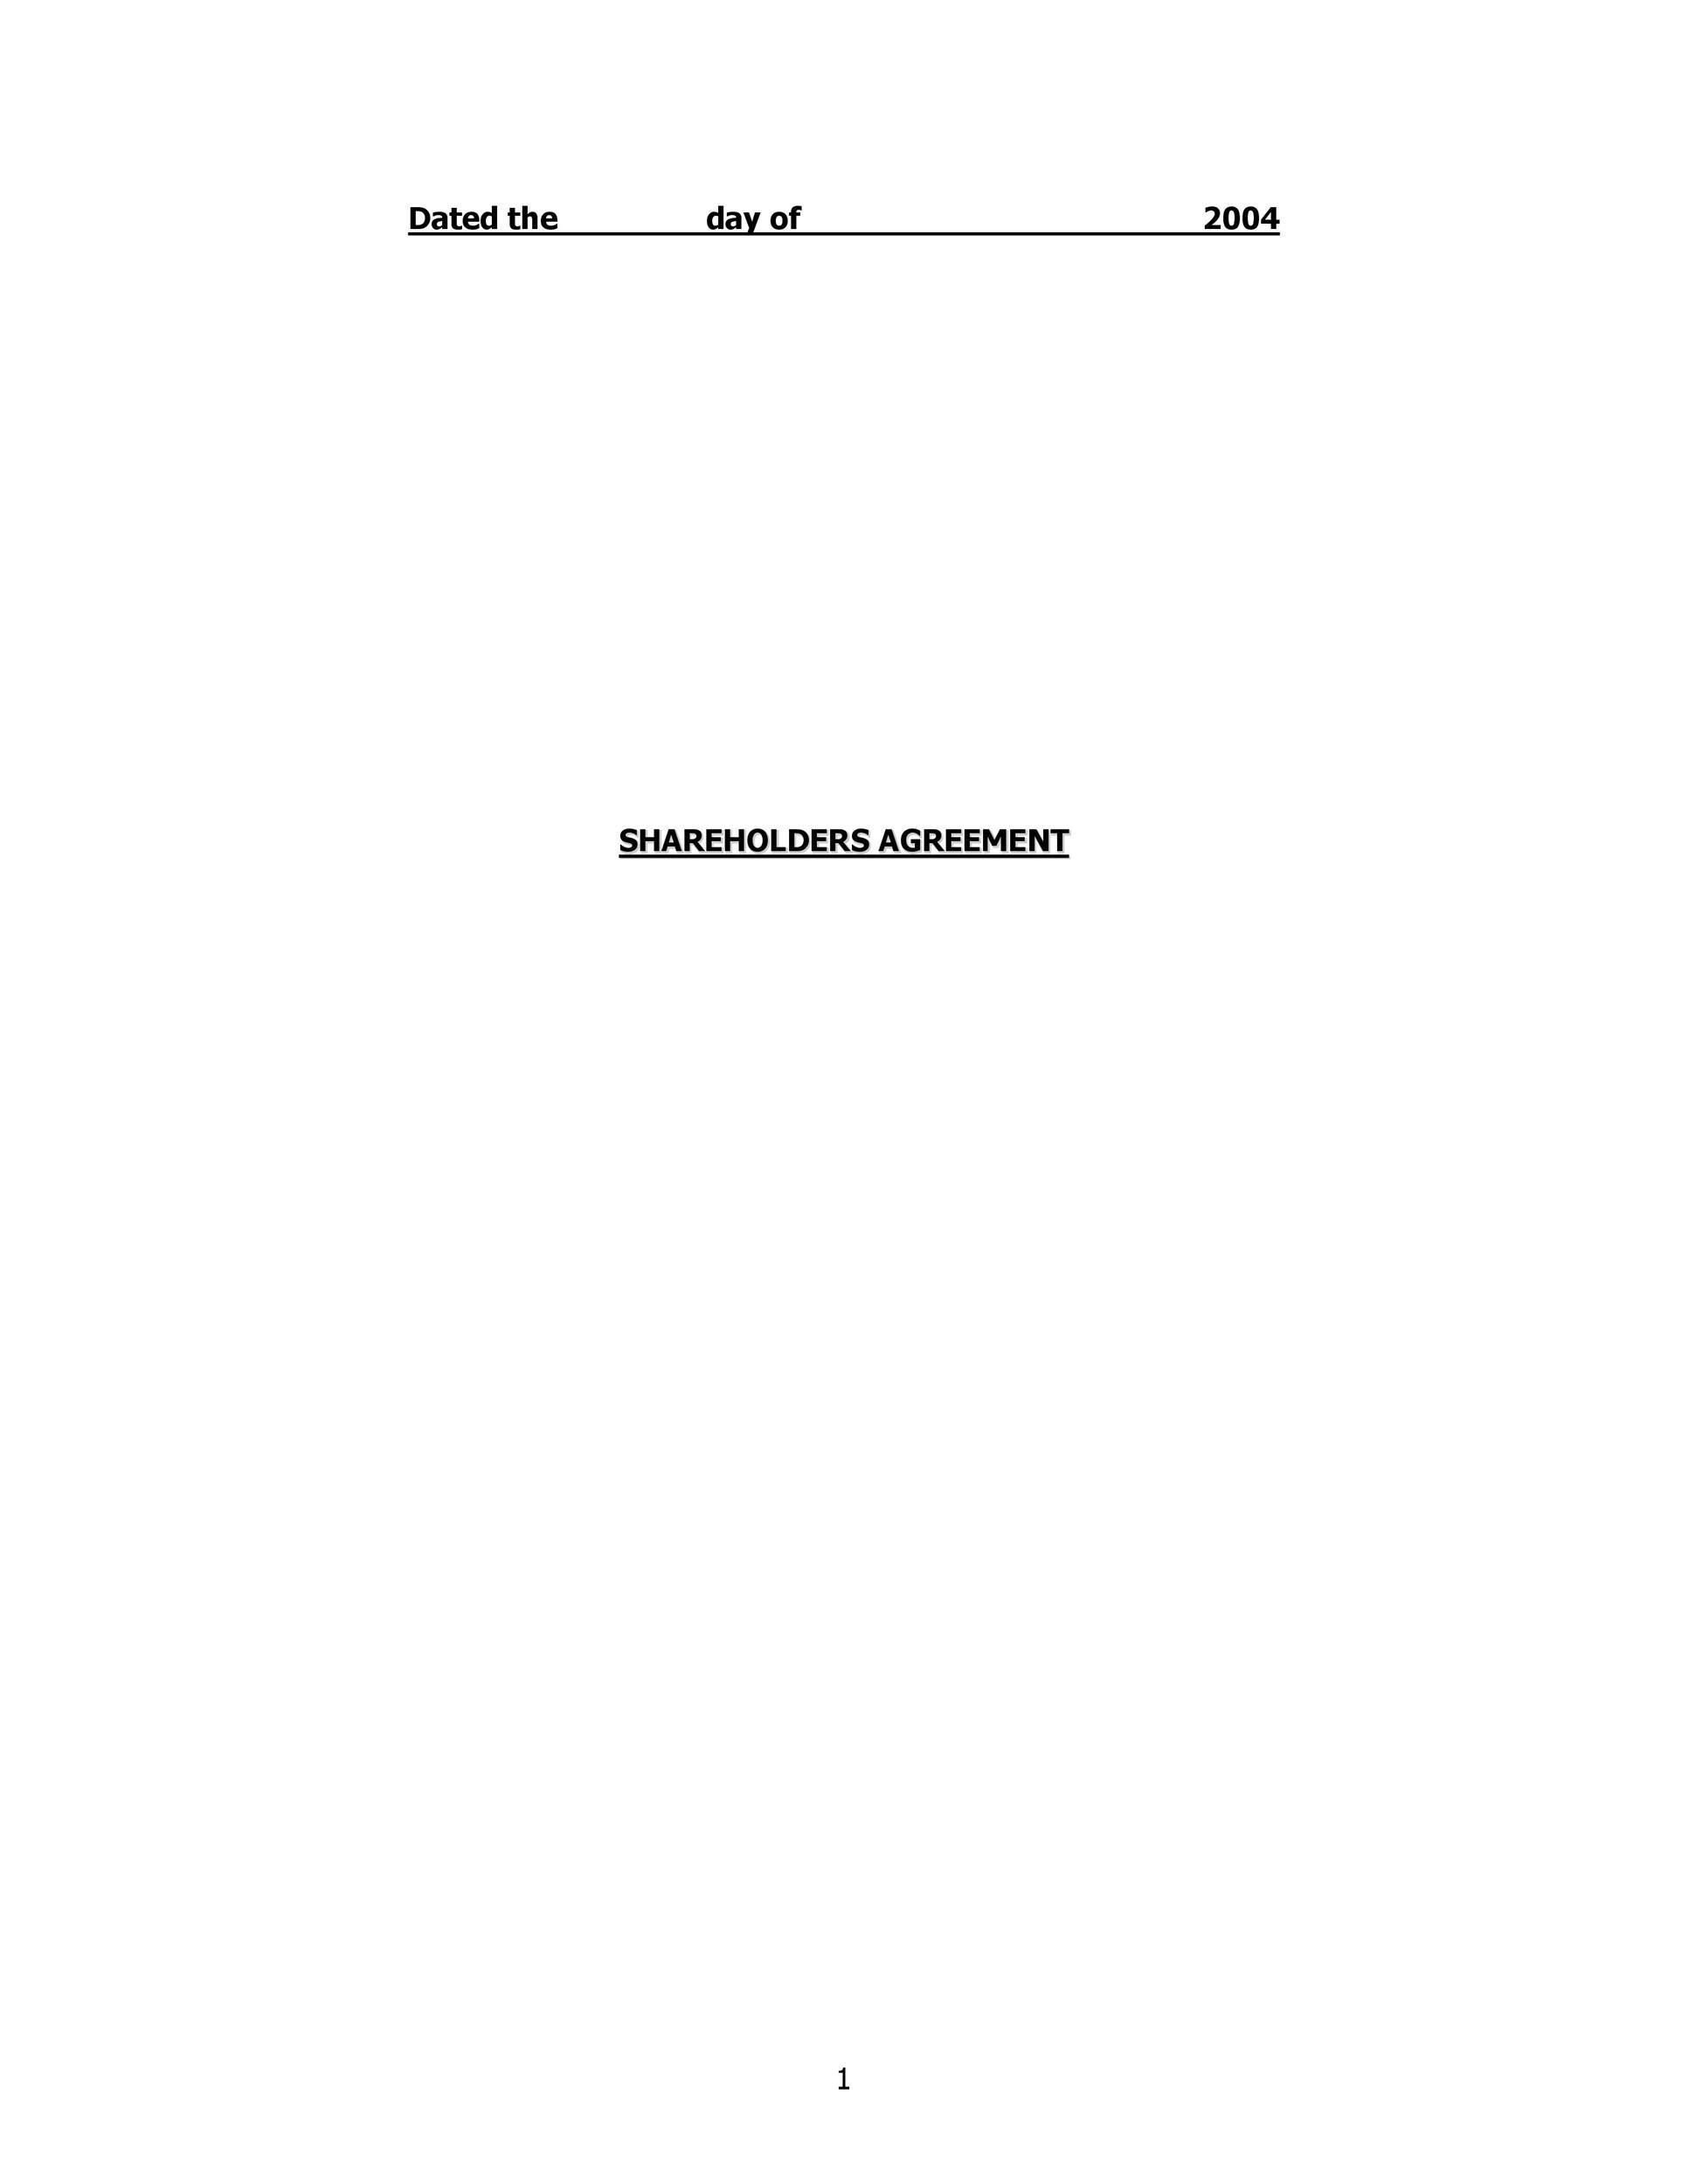 Free shareholder agreement 44